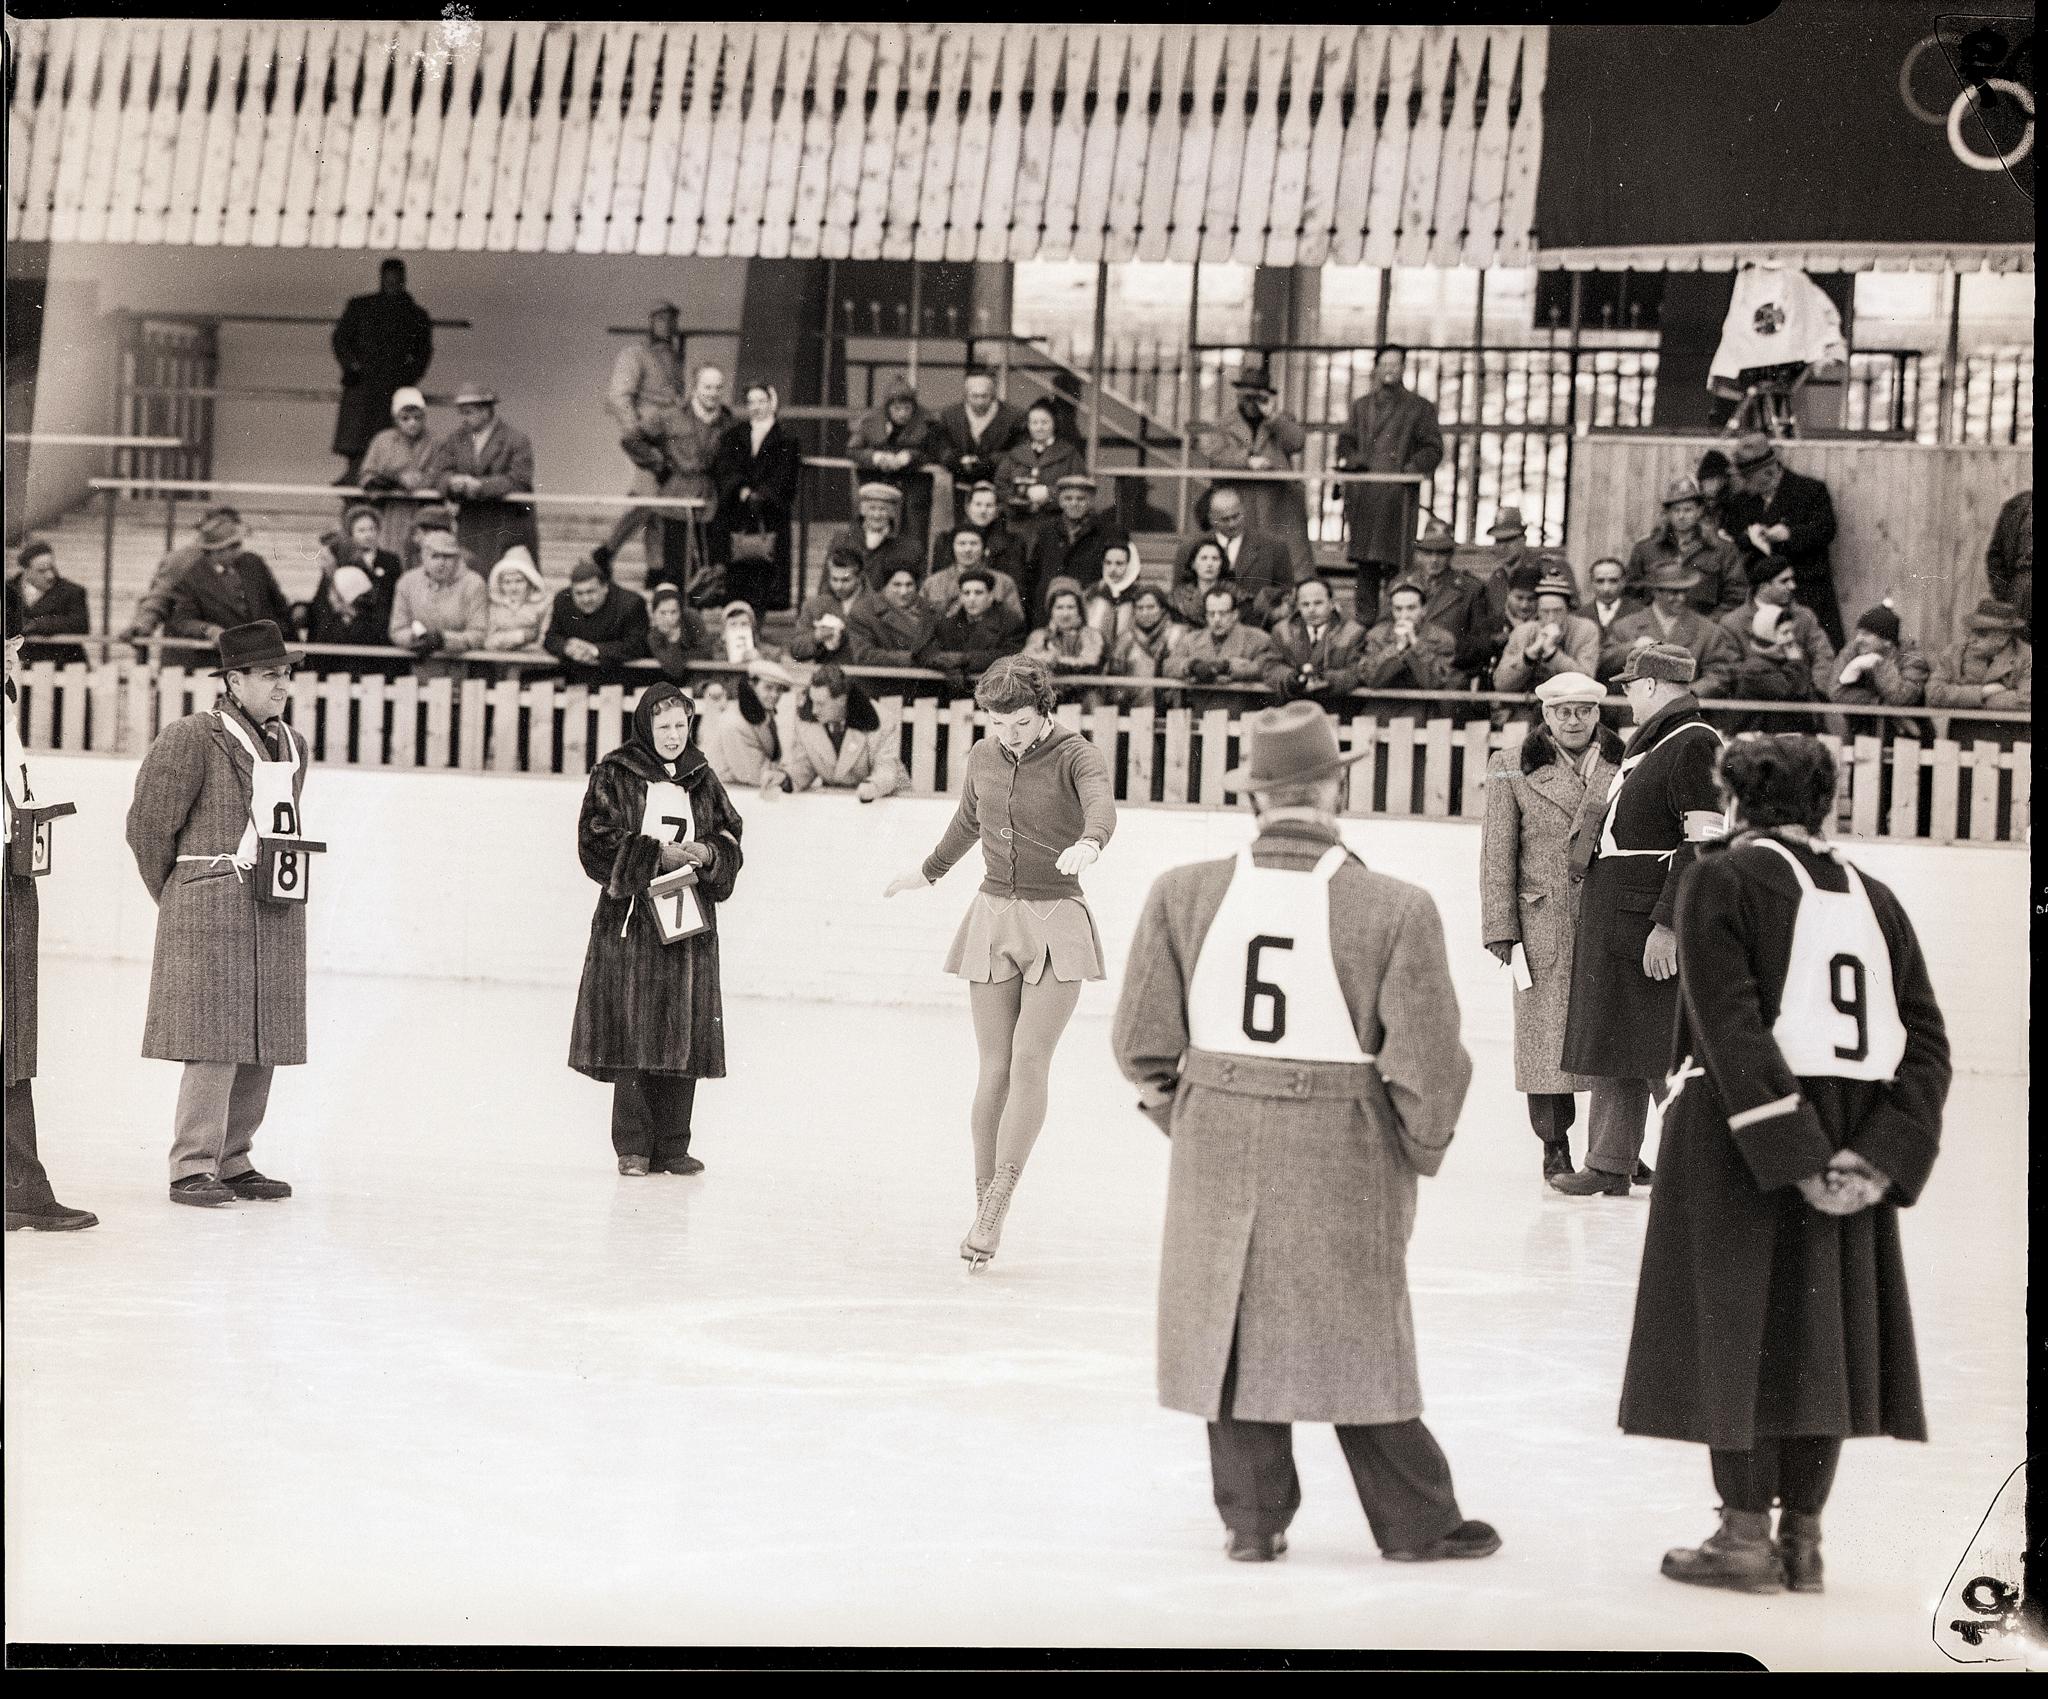 Mulher executa coreografia de patinação no gelo para juízes (© Bettmann/Corbis/Getty Images)